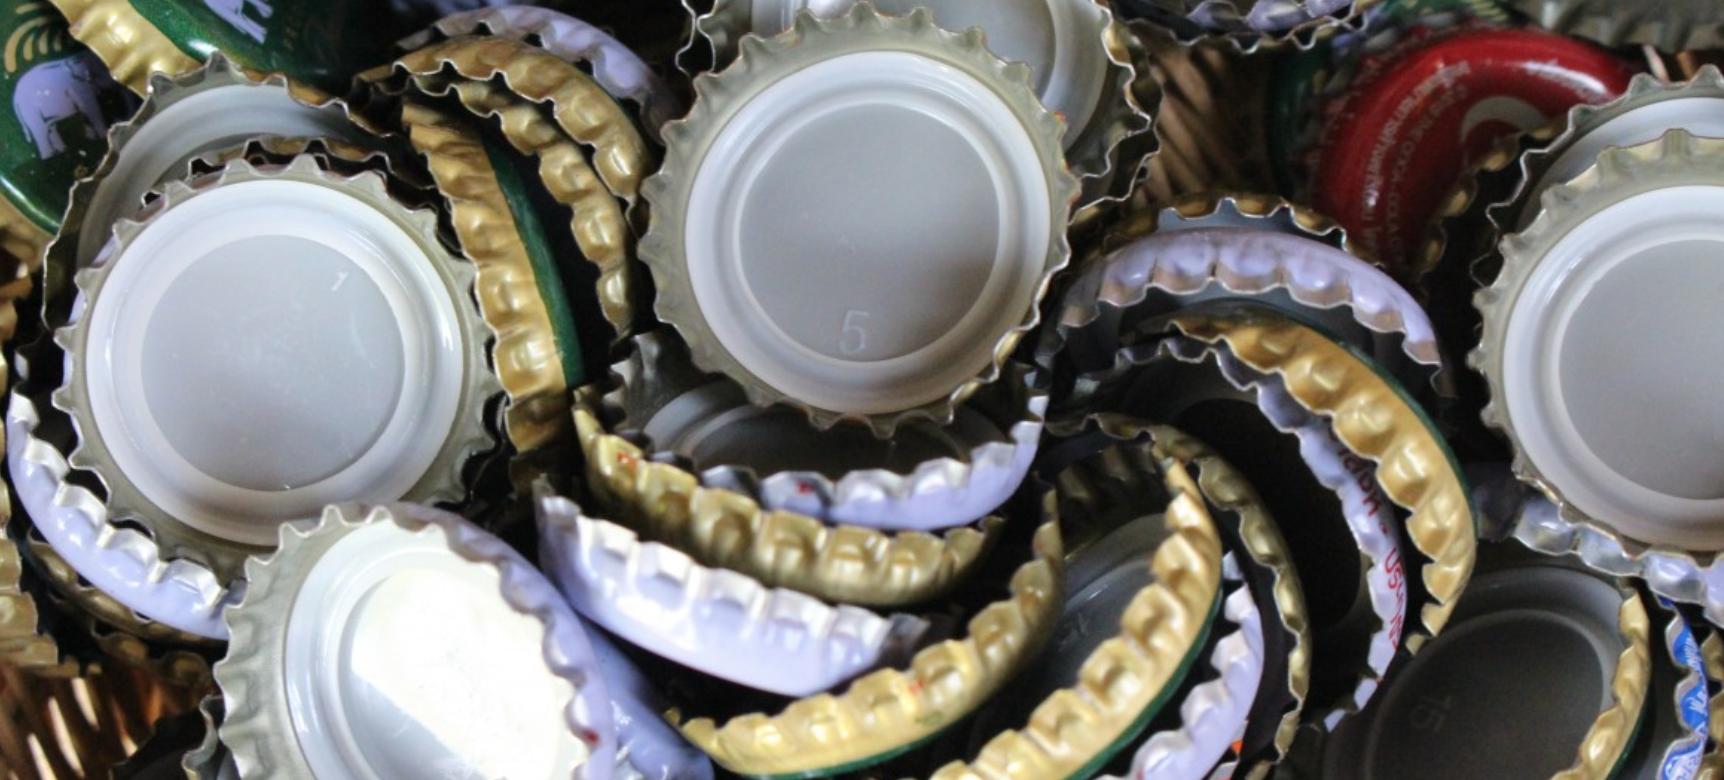 Tunisie : Somipem, entreprise tunisienne spécialisée dans la fabrication de bouchons et capsules va pouvoir se développer en Afrique